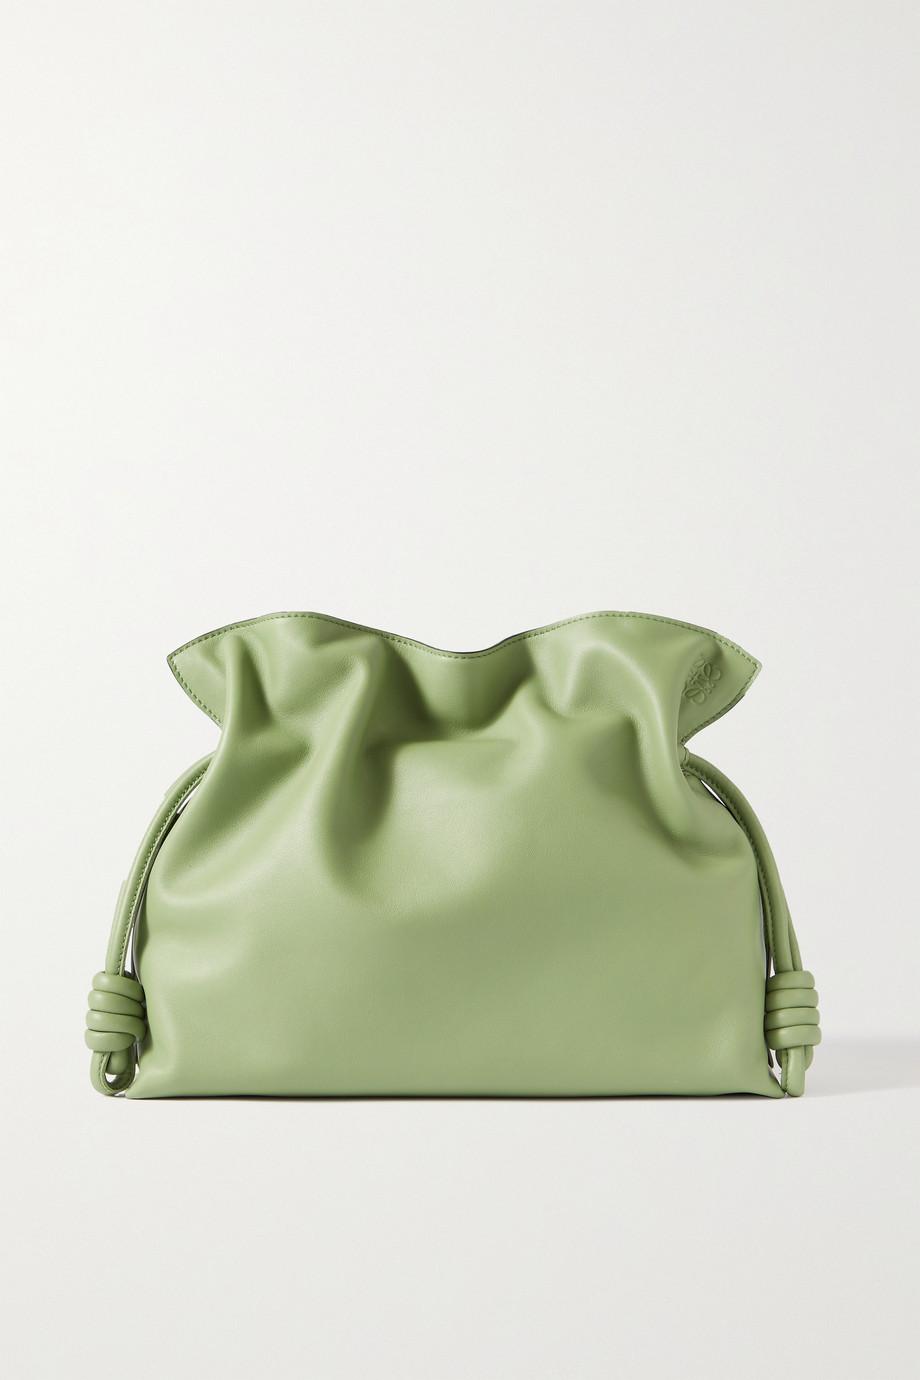 Loewe Flamenco leather clutch